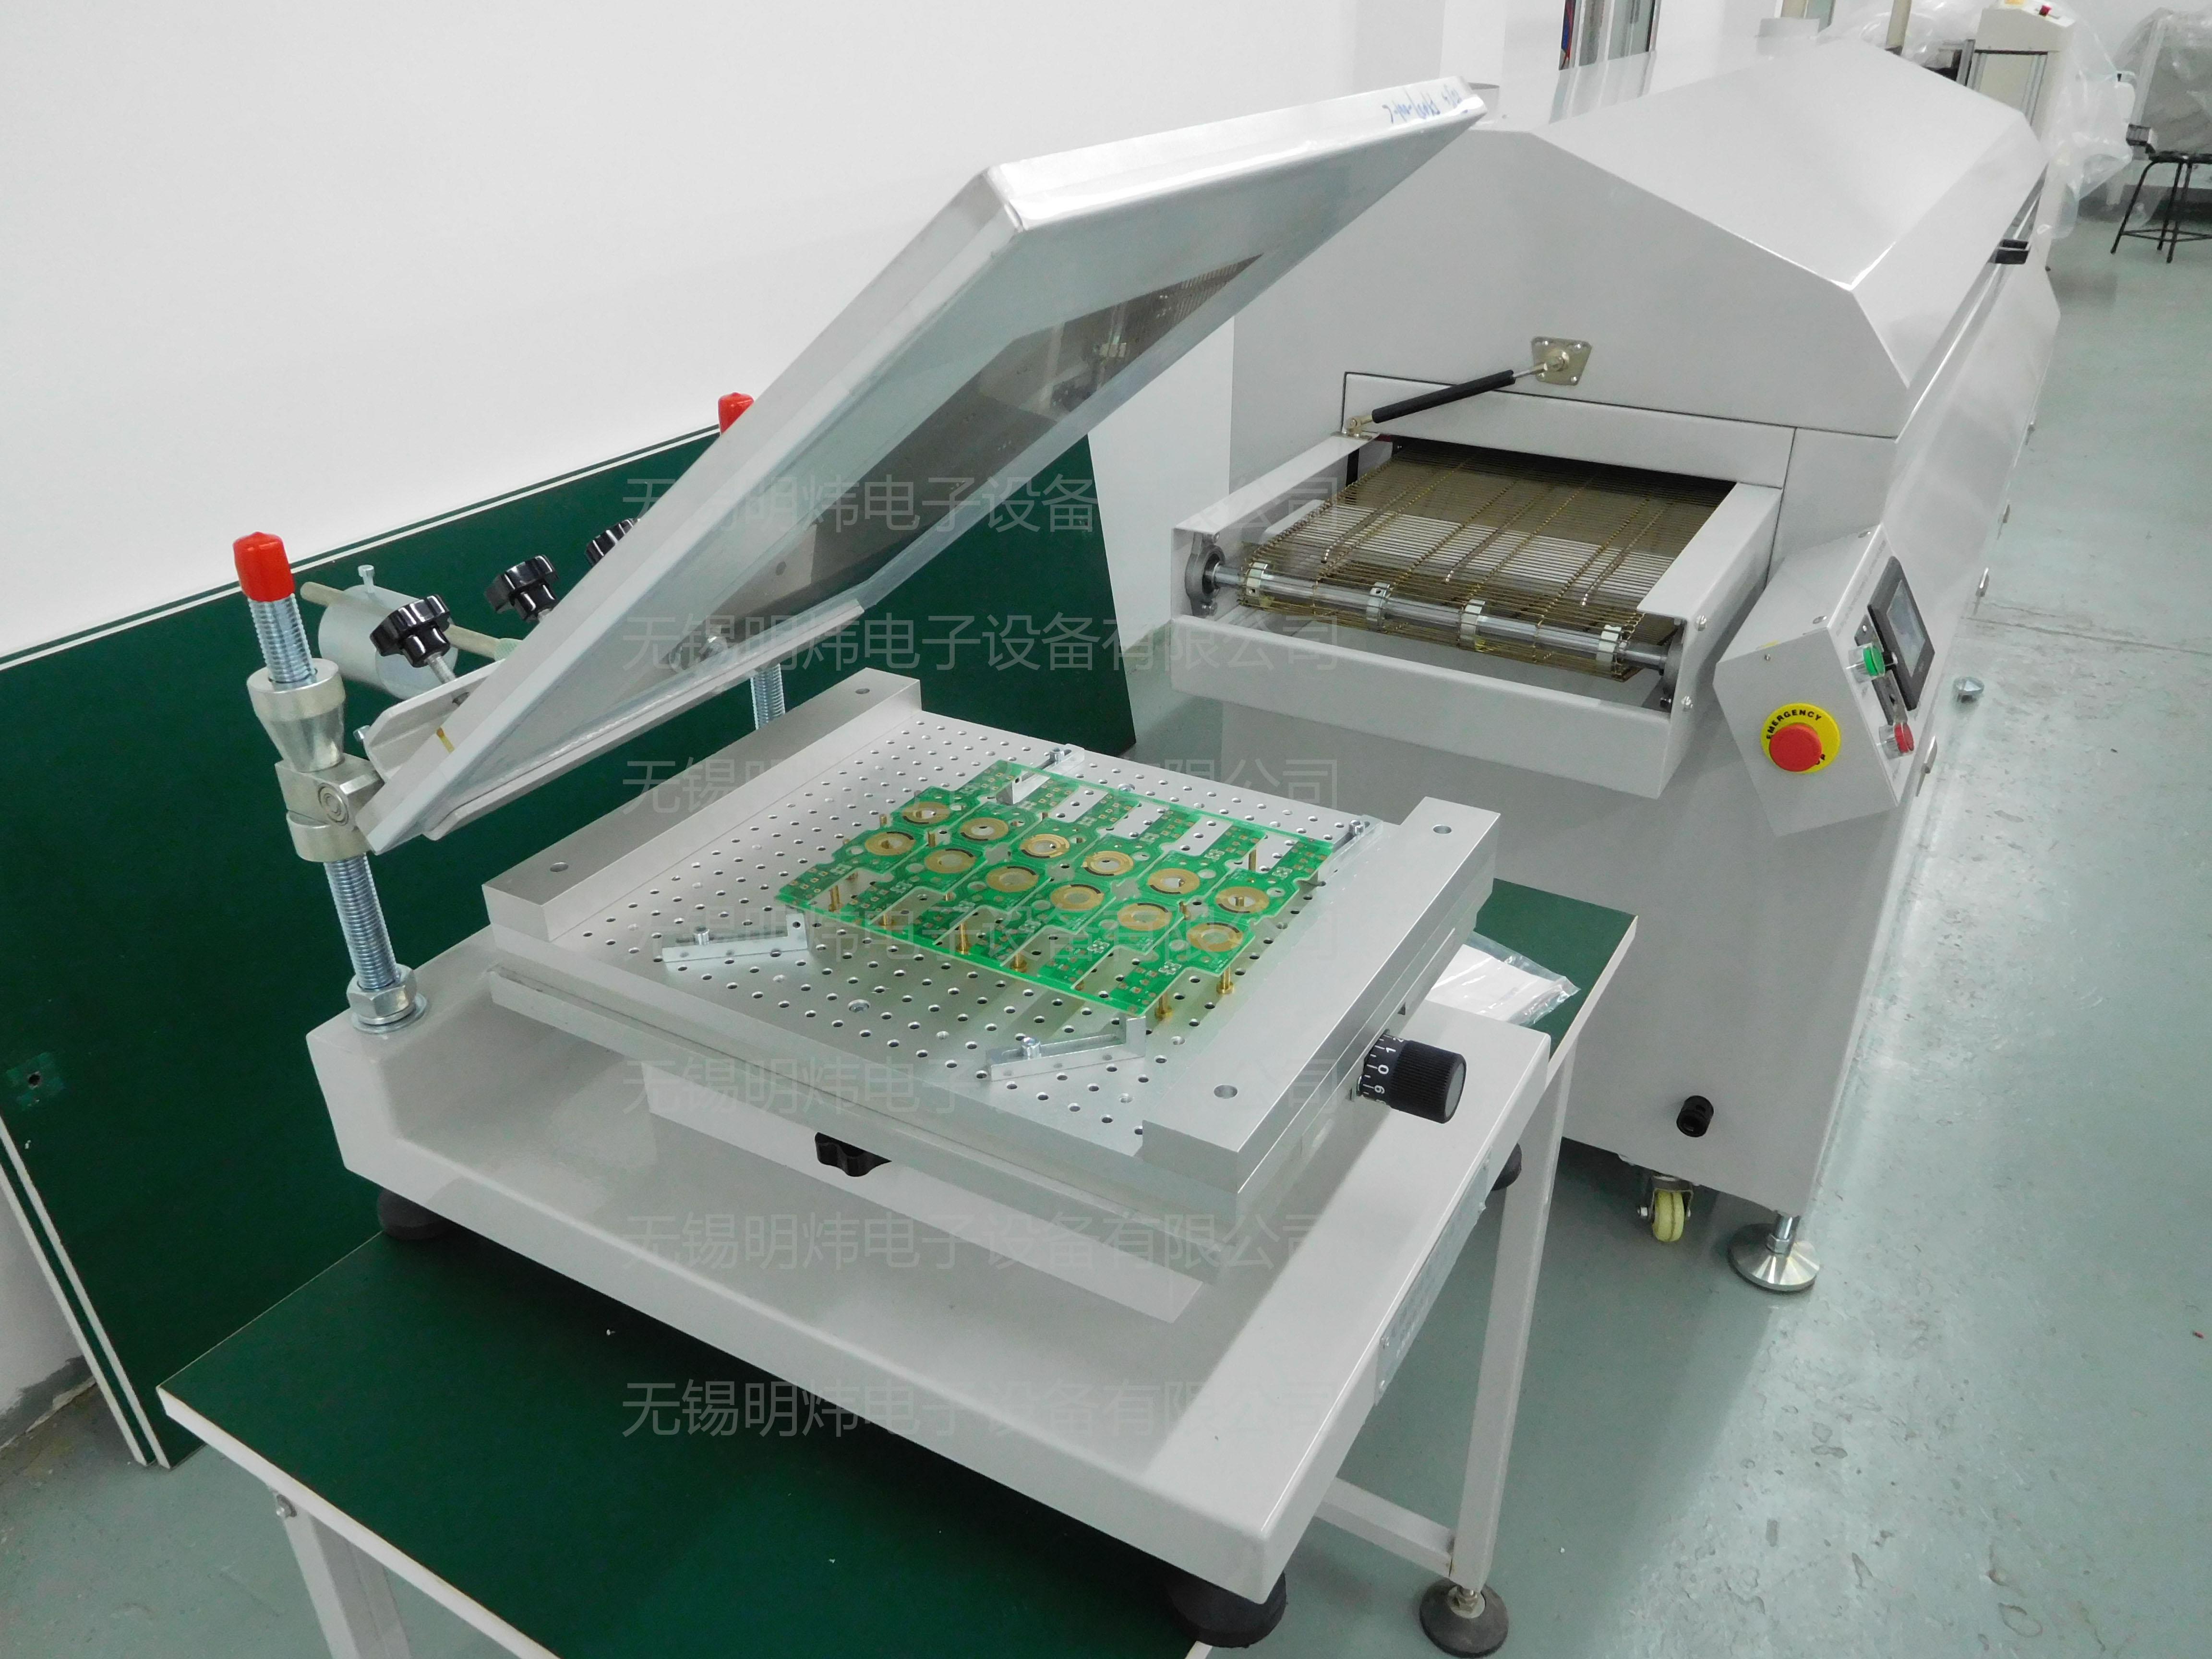 高精密丝印台锡膏印刷机手动印刷台